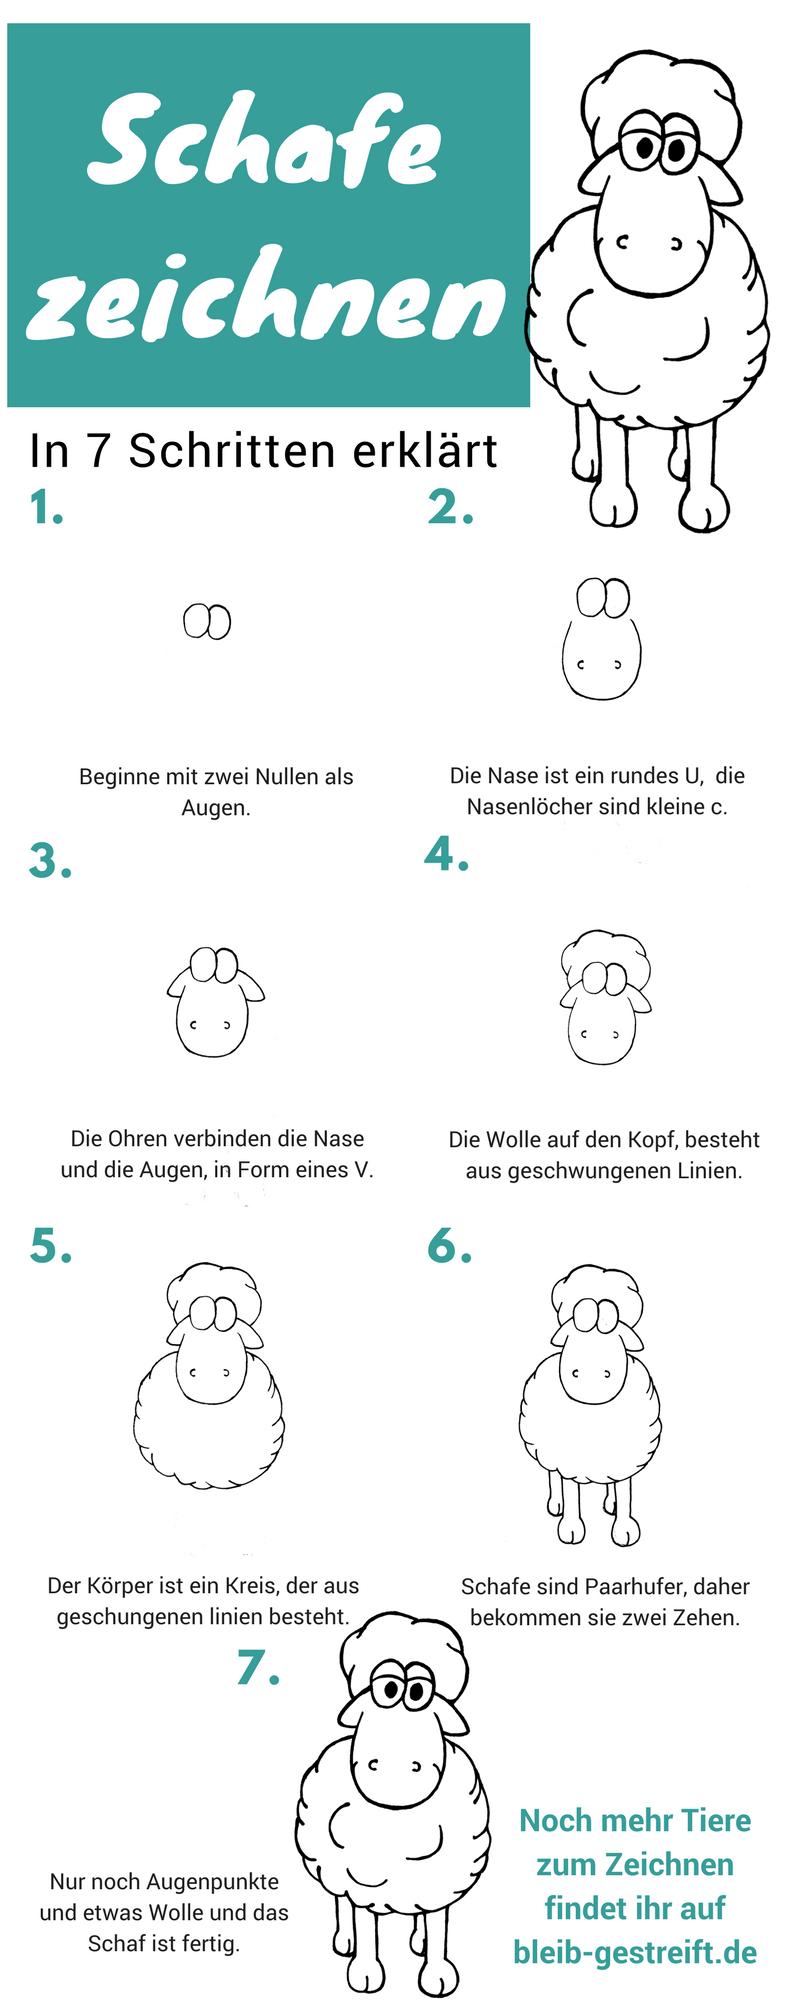 Lustige Schafe zeichnen, hier kannst du es in 7 Schritten lernen!